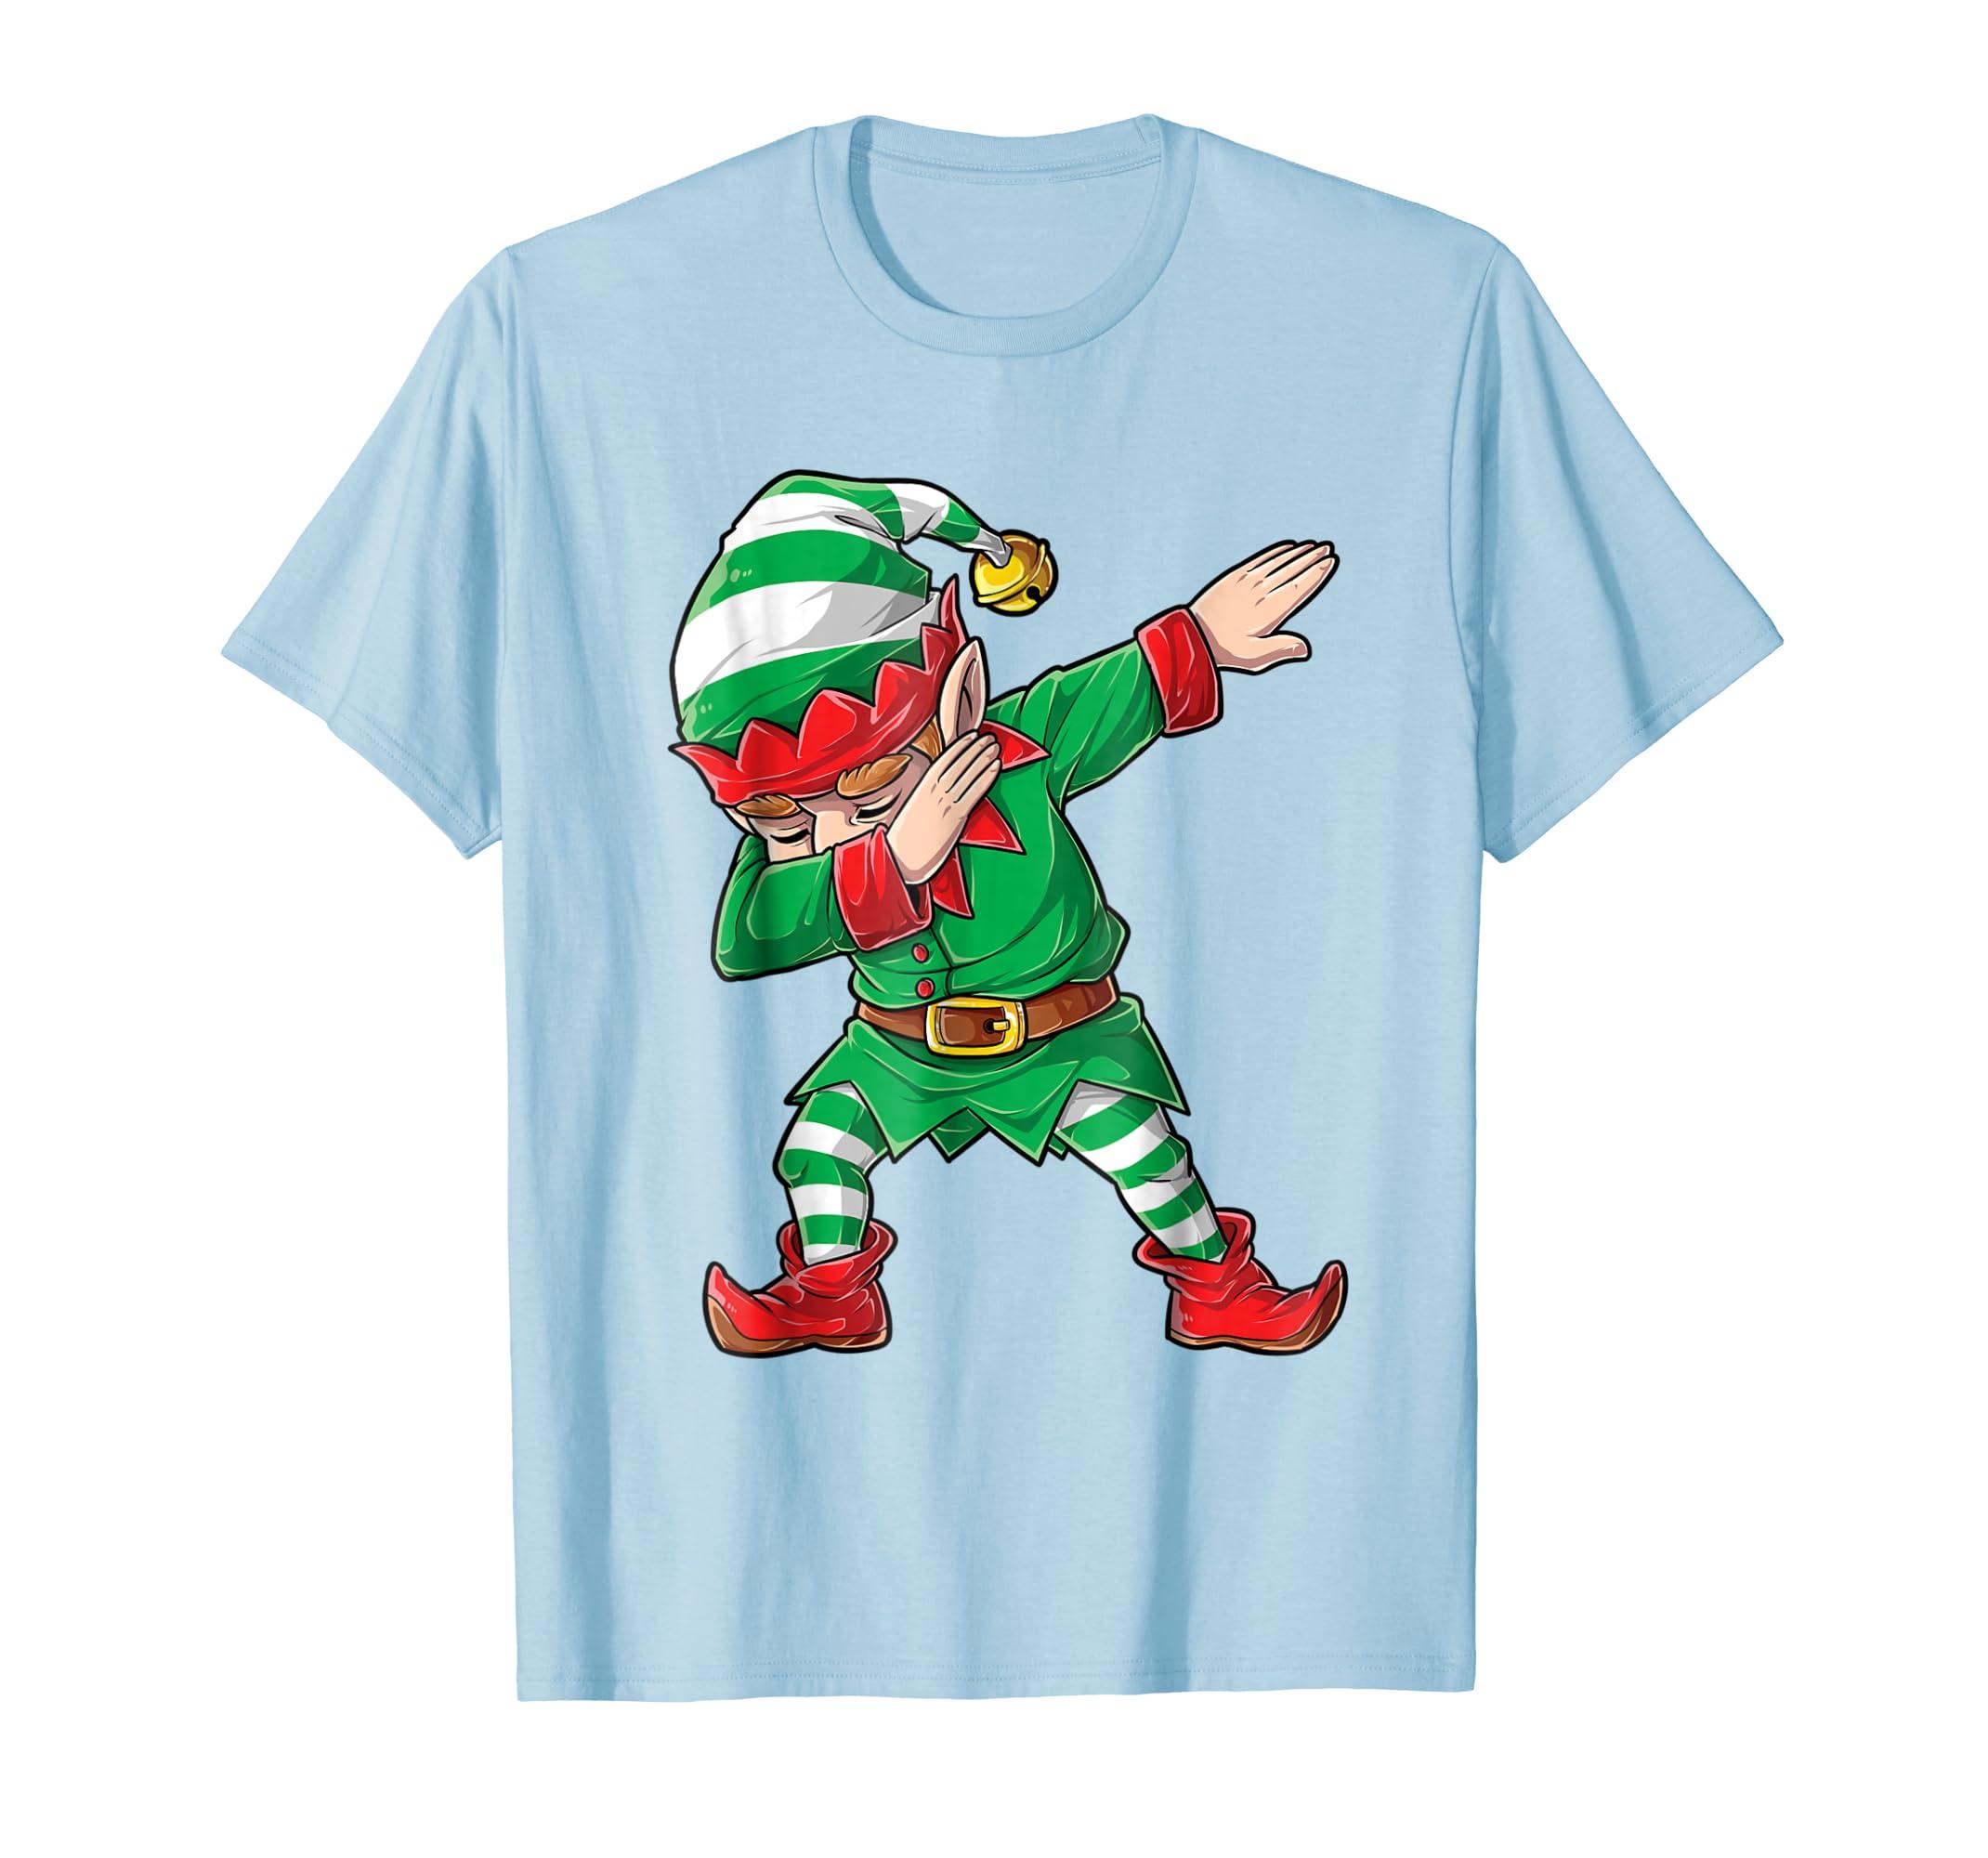 bf99f3ab0210 ... Christmas Dabbing Elf Squad T Shirt Family Matching Men Boys Christmas  Shirts by Lique ...